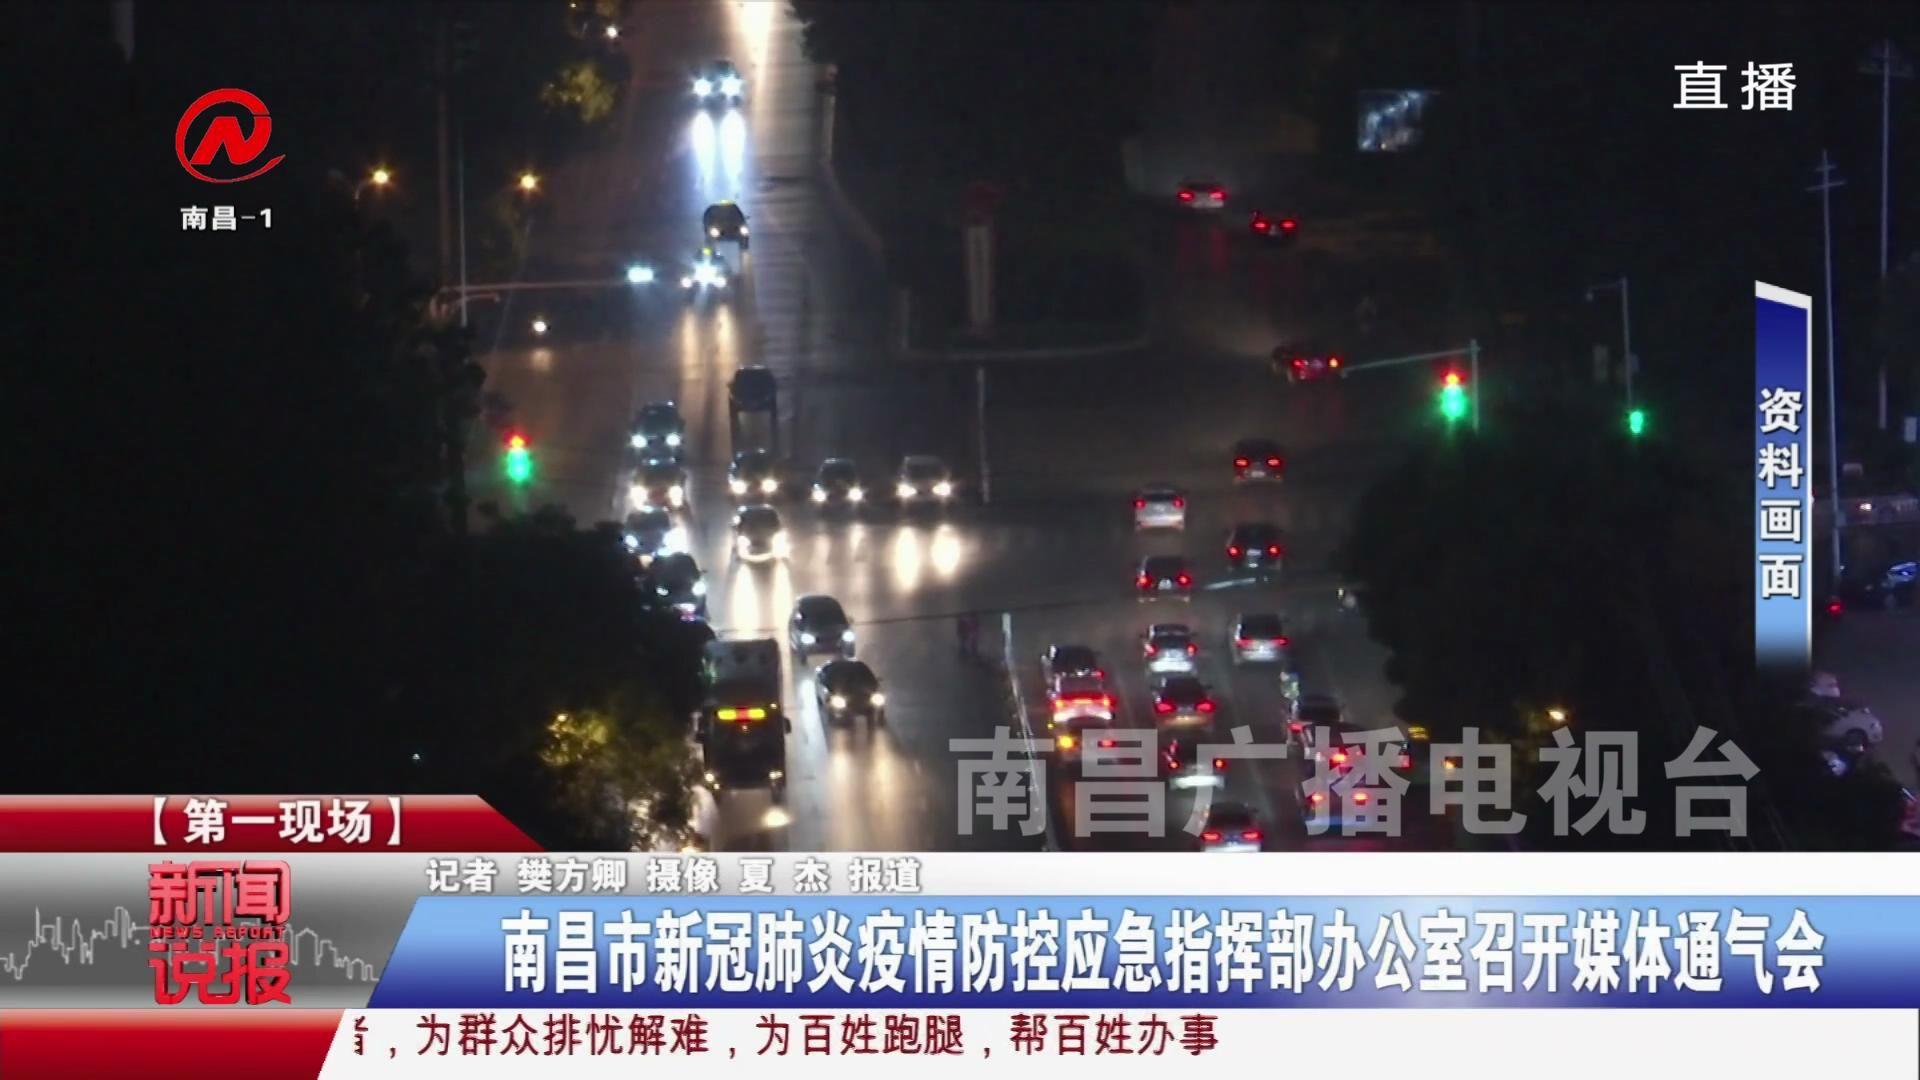 南昌市新冠肺炎疫情防控应急指挥部办公室召开媒体通气会